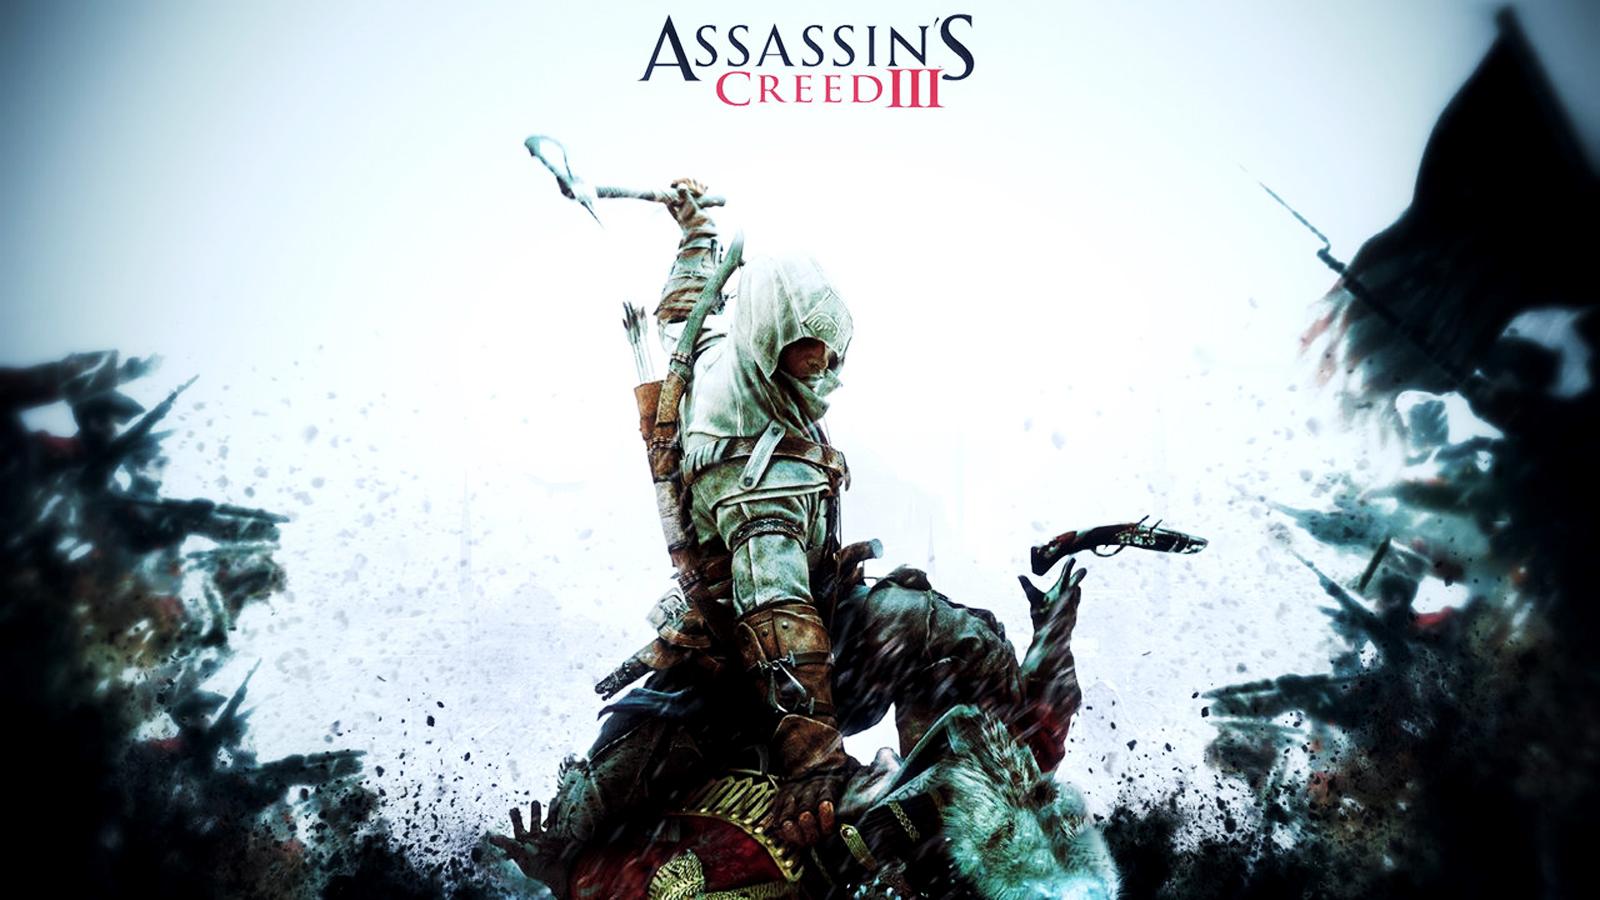 http://3.bp.blogspot.com/-lsGGqm3GTU0/T1UMuLsbavI/AAAAAAAAAzw/nTJlaJzw9fk/s1600/Assassins_Creed_3_New_Game_HD_Wallpaper-Vvallpaper.Net.jpg